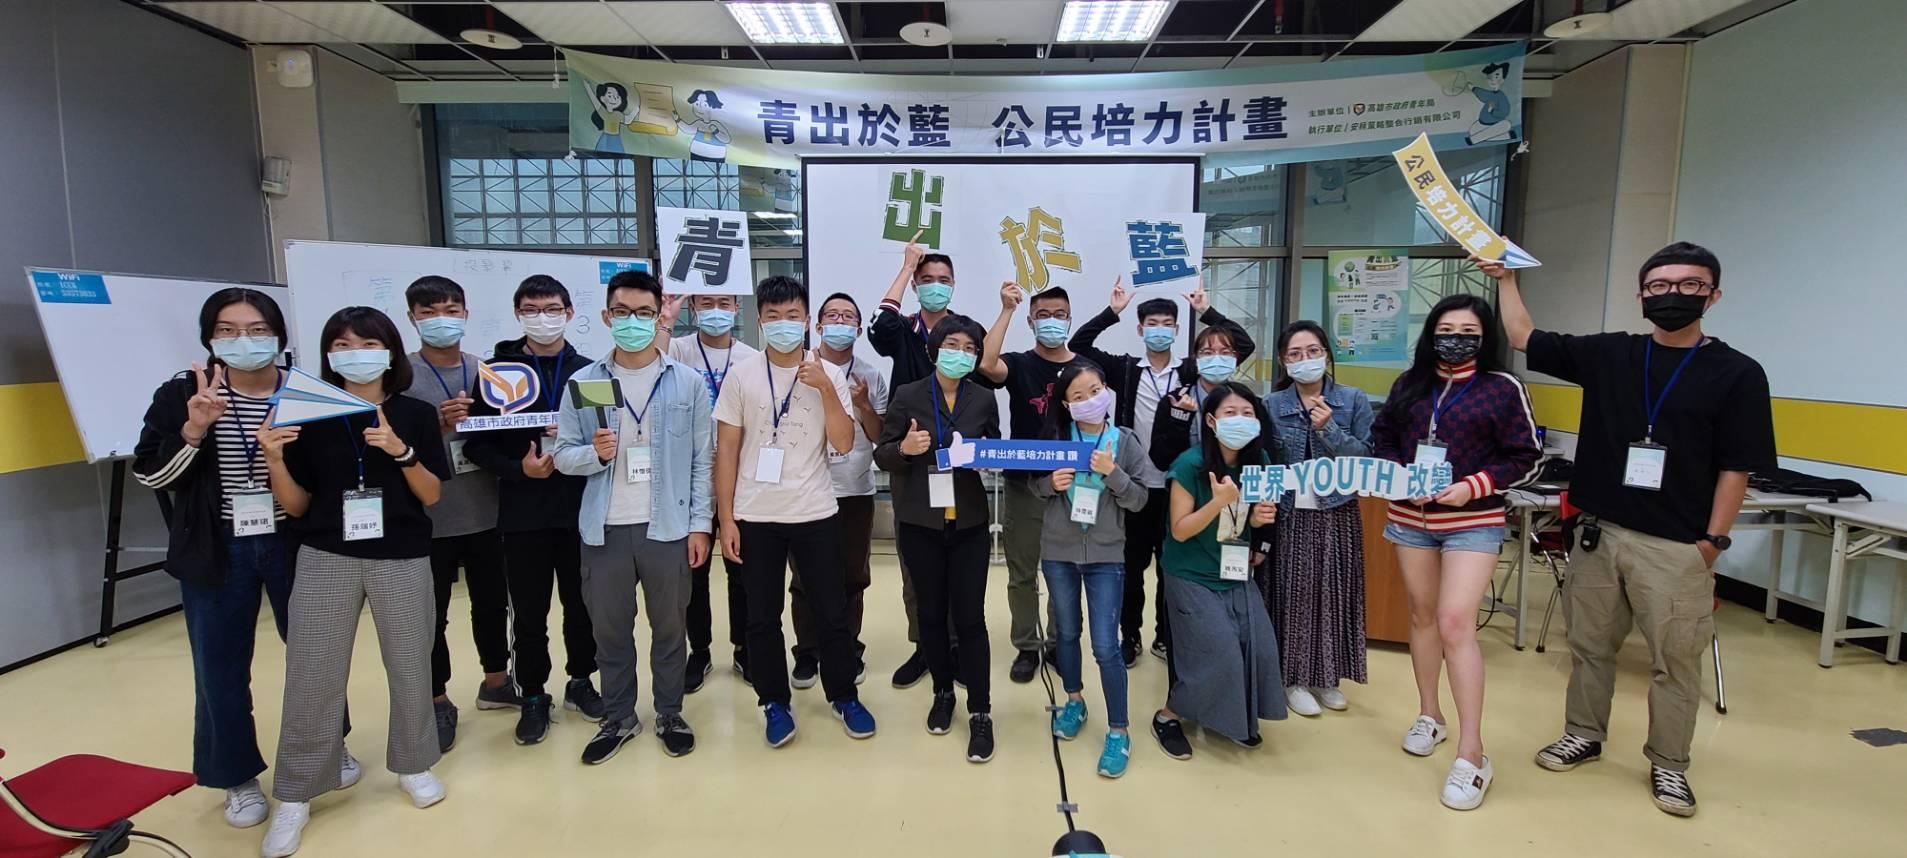 【109年】高雄市政府青年局「青出於藍公民培力」公民參與計畫